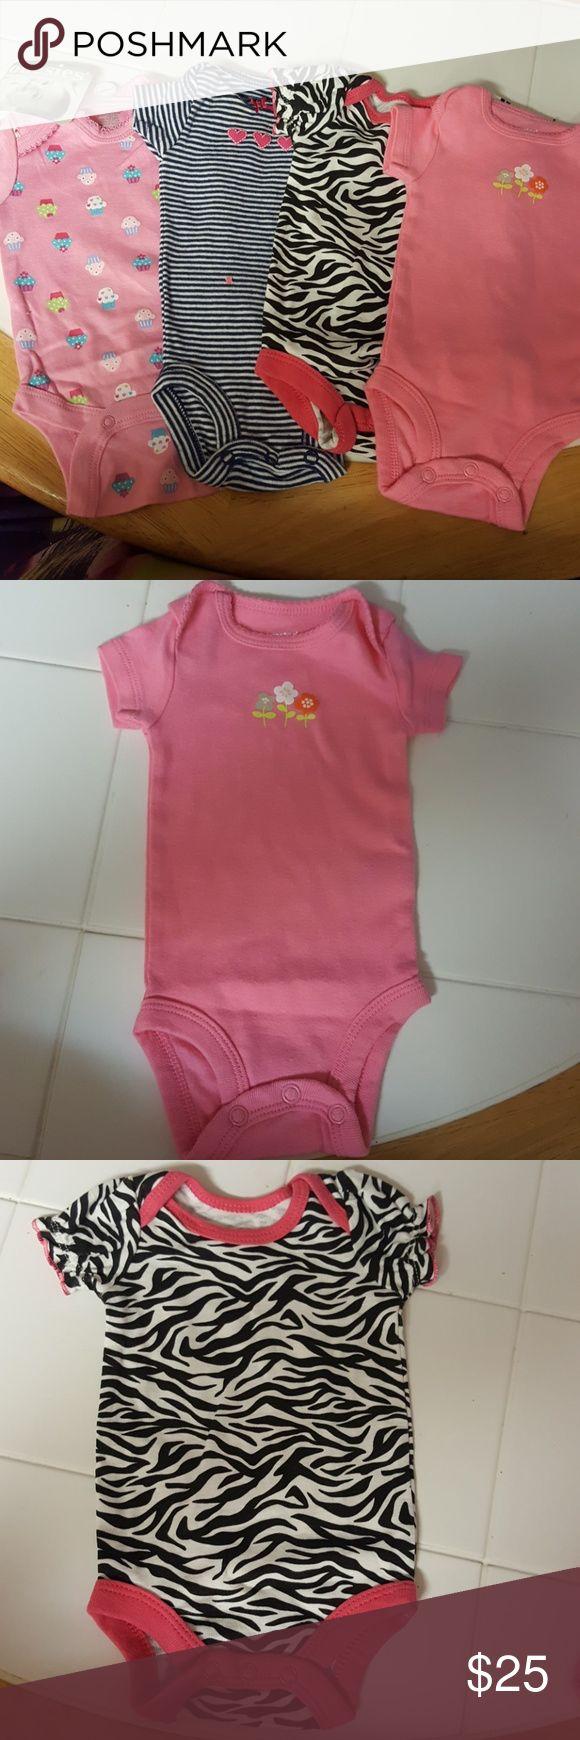 Newborn onsies lot of 4 girls Newborn onsies lot of 4 girls onsies One Pieces